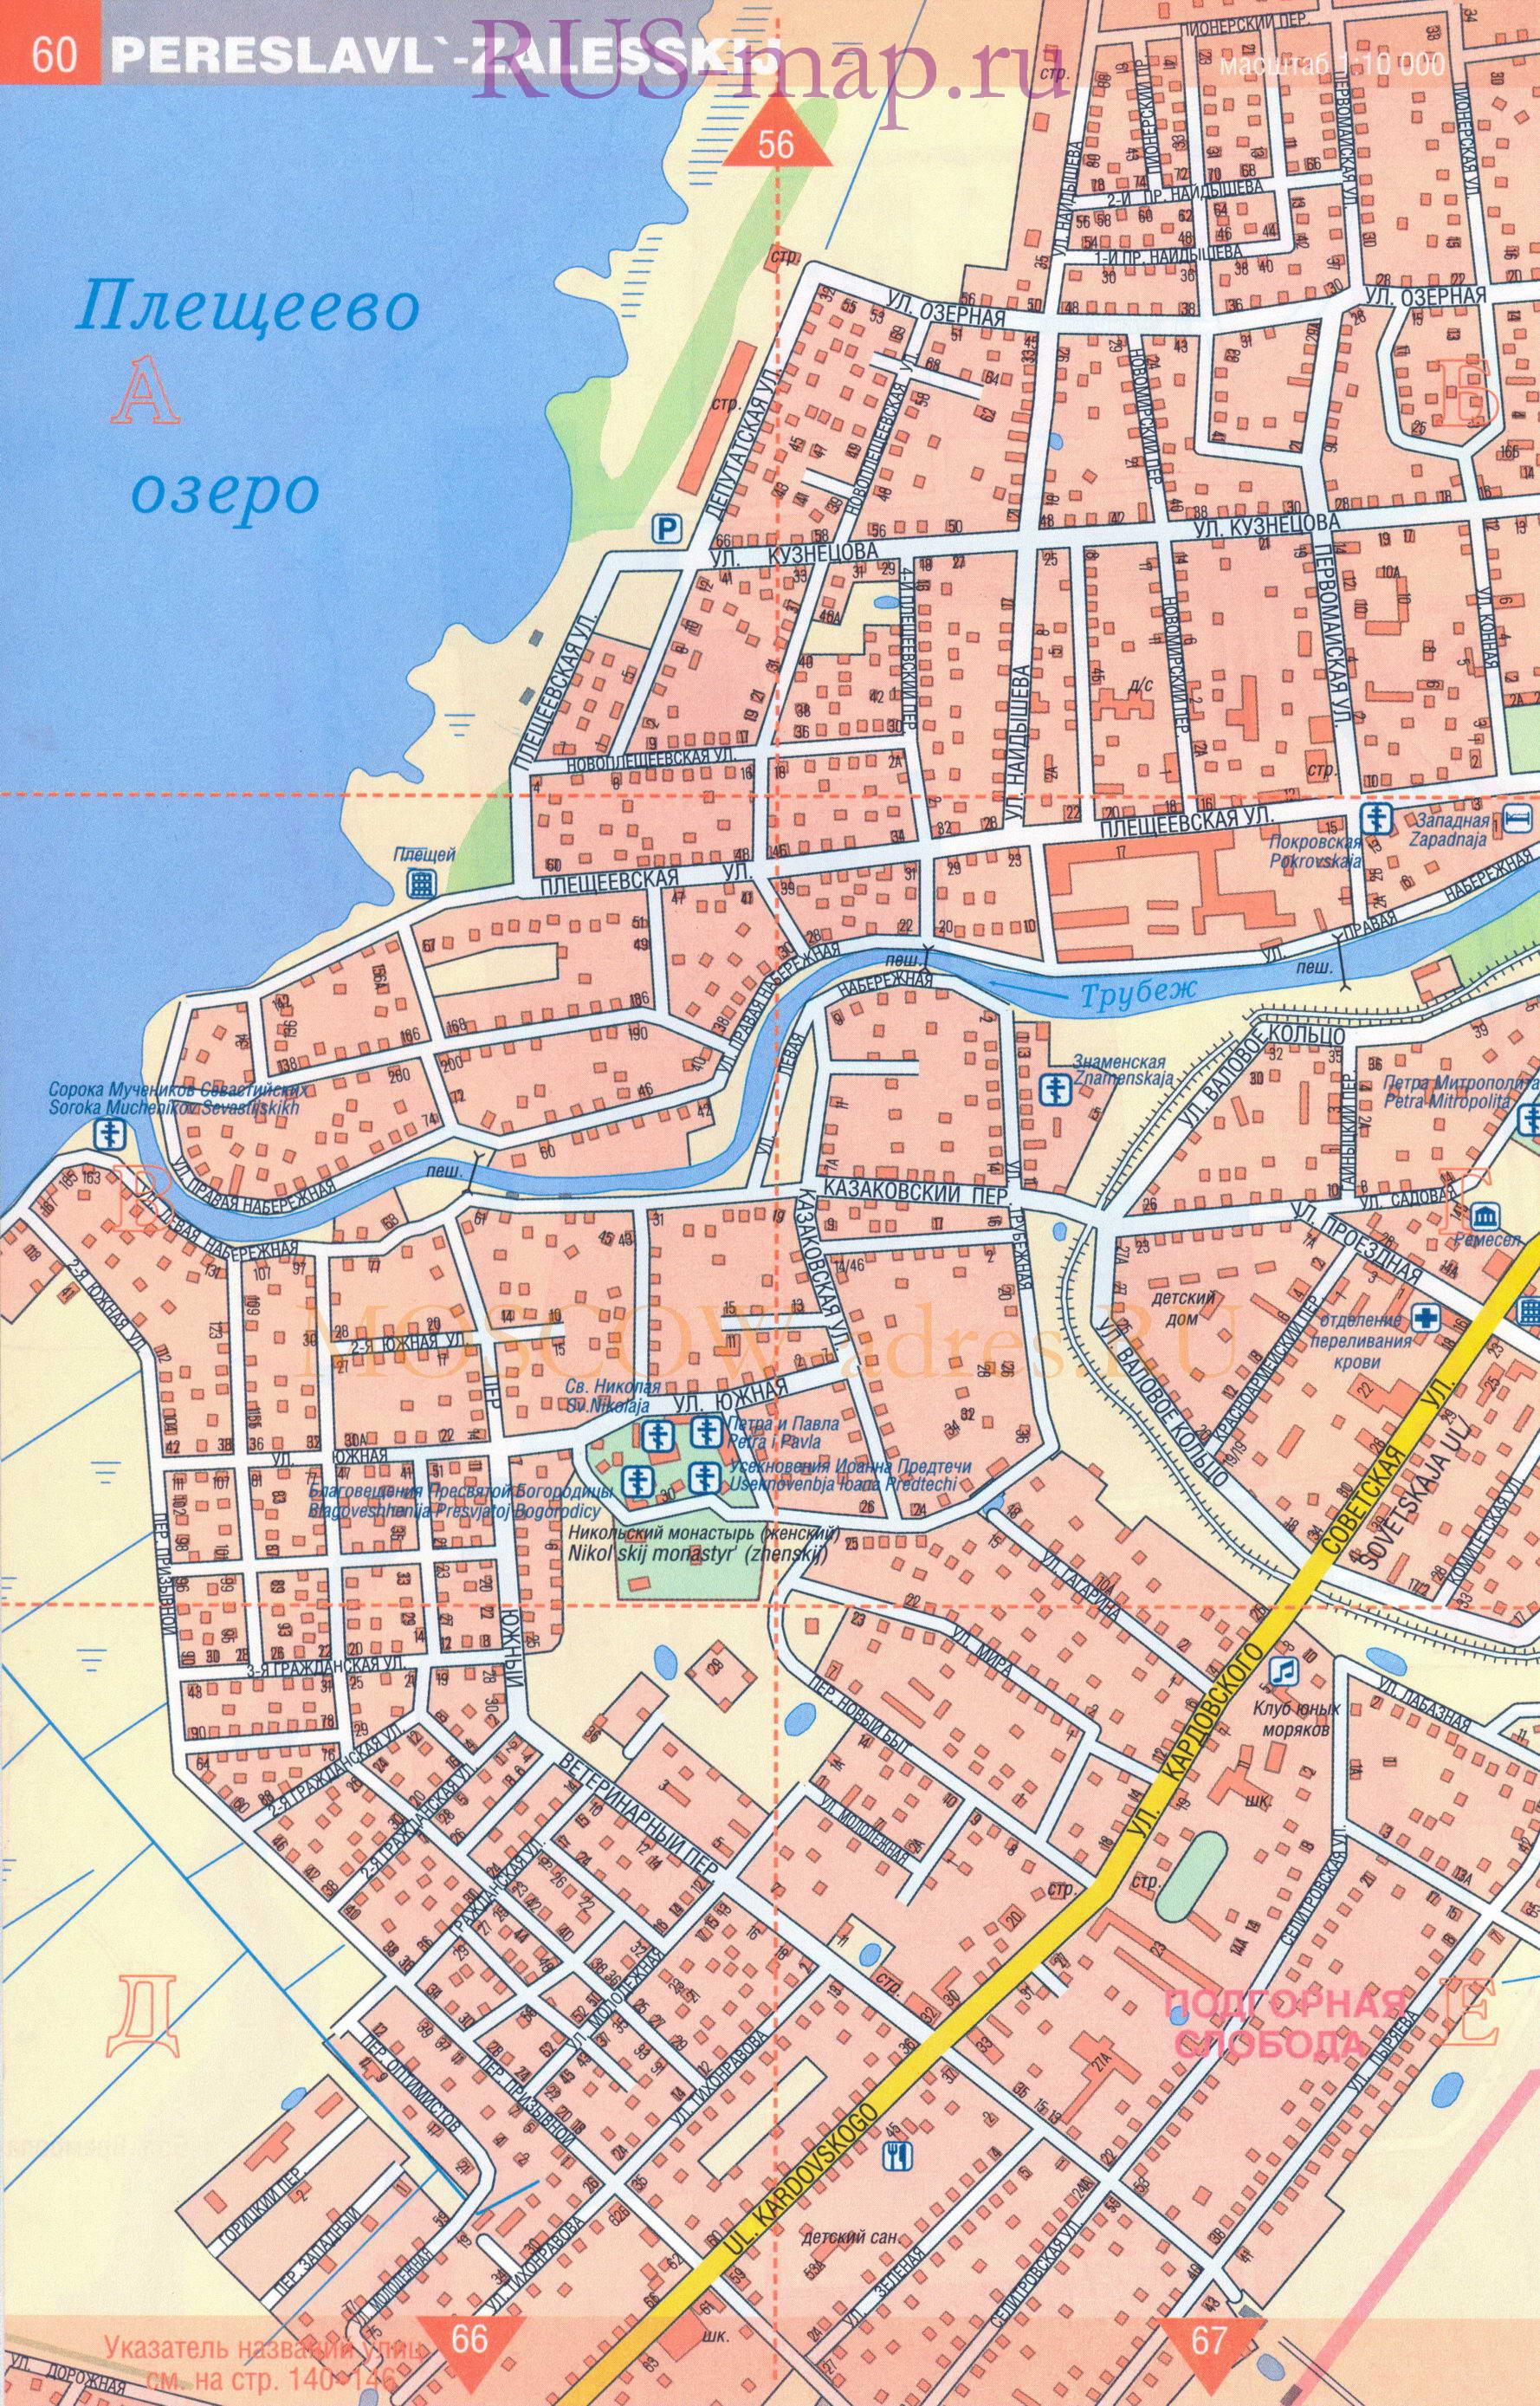 Карта Переславля-Залесского.  Подробная карта улиц города Переславль-залесский с номерами домов и...